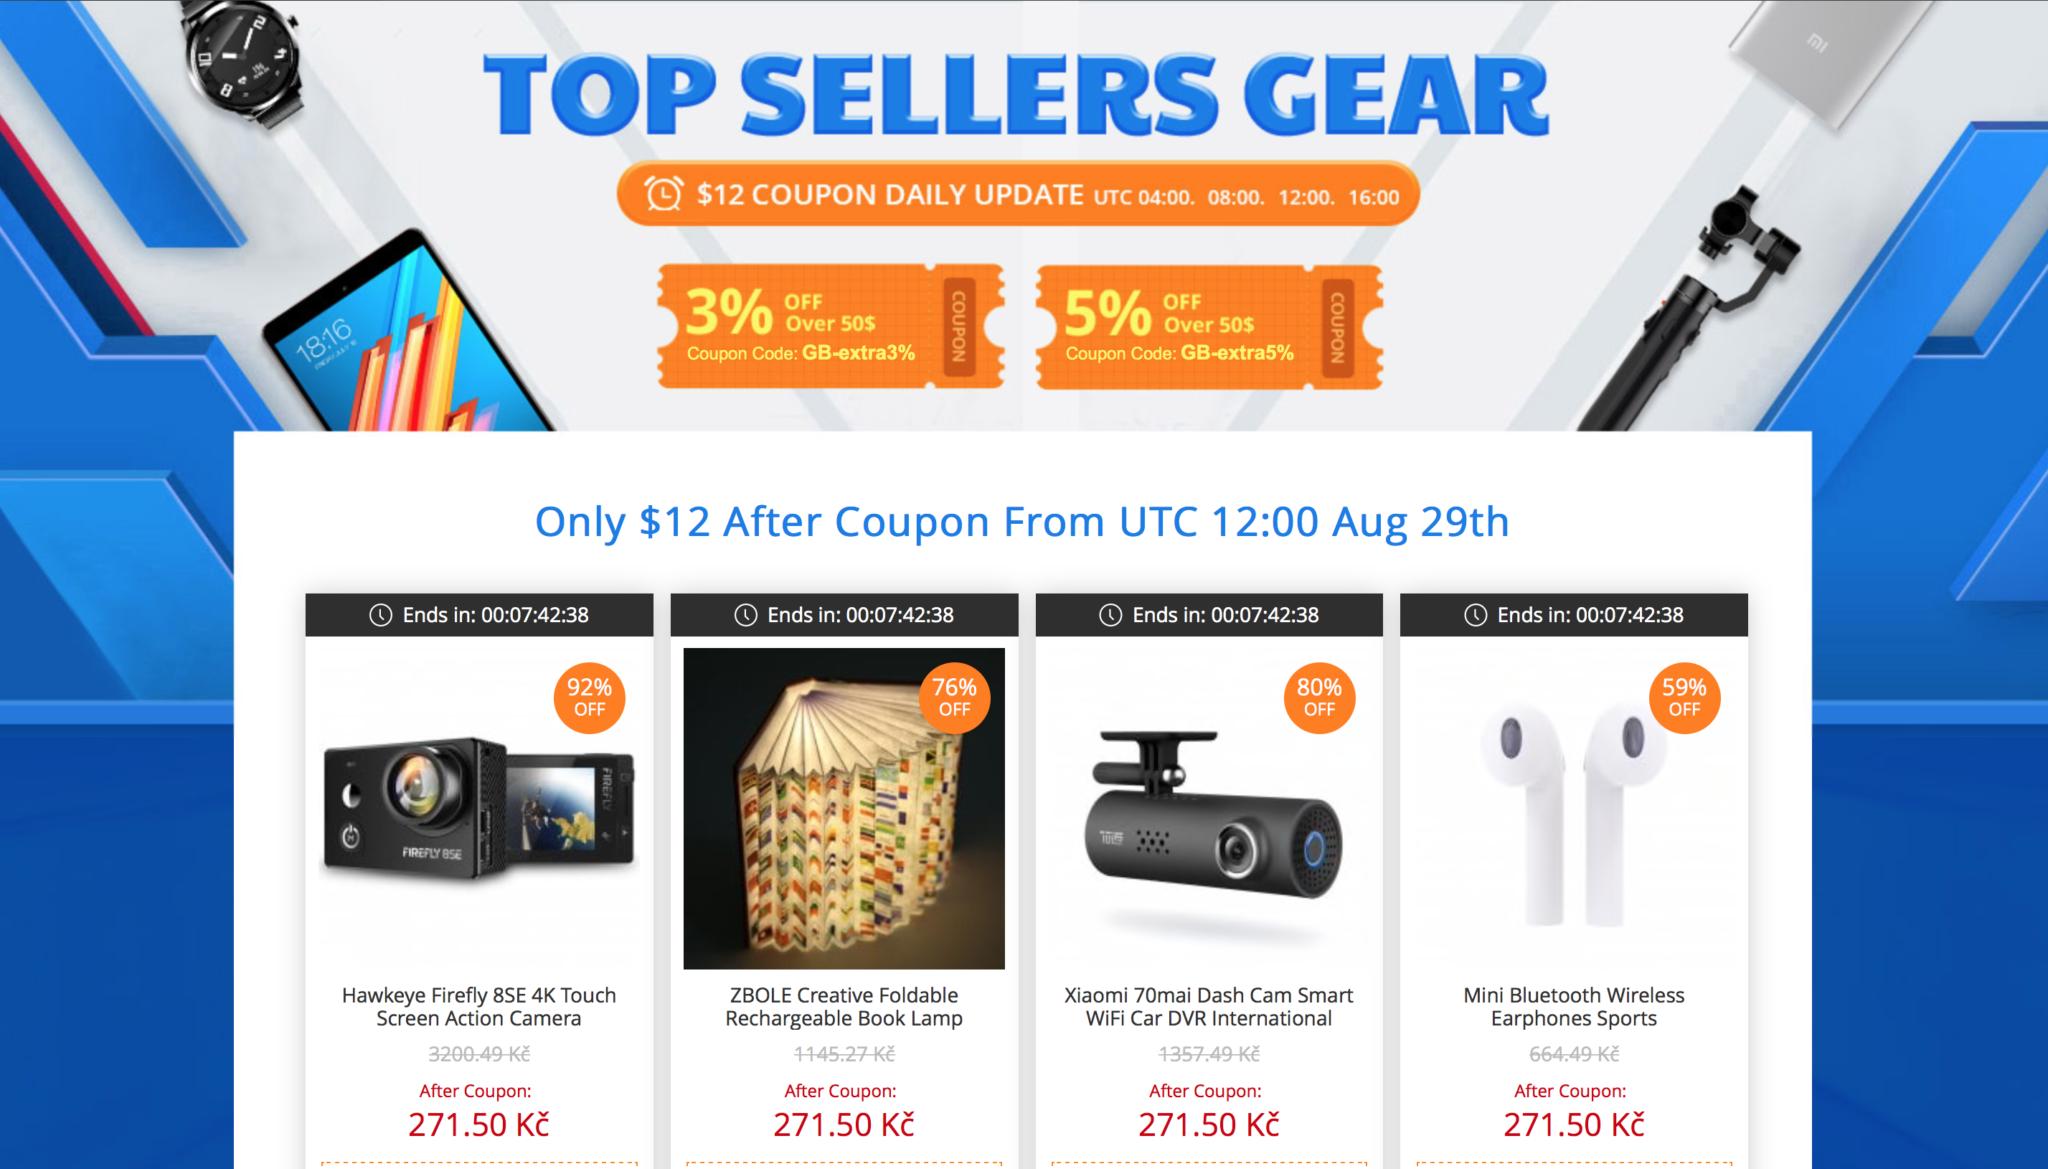 Gearbest výprodej, nyní můžete sehnat produkty až s 80 % slevou! [sponzorovaný článek]